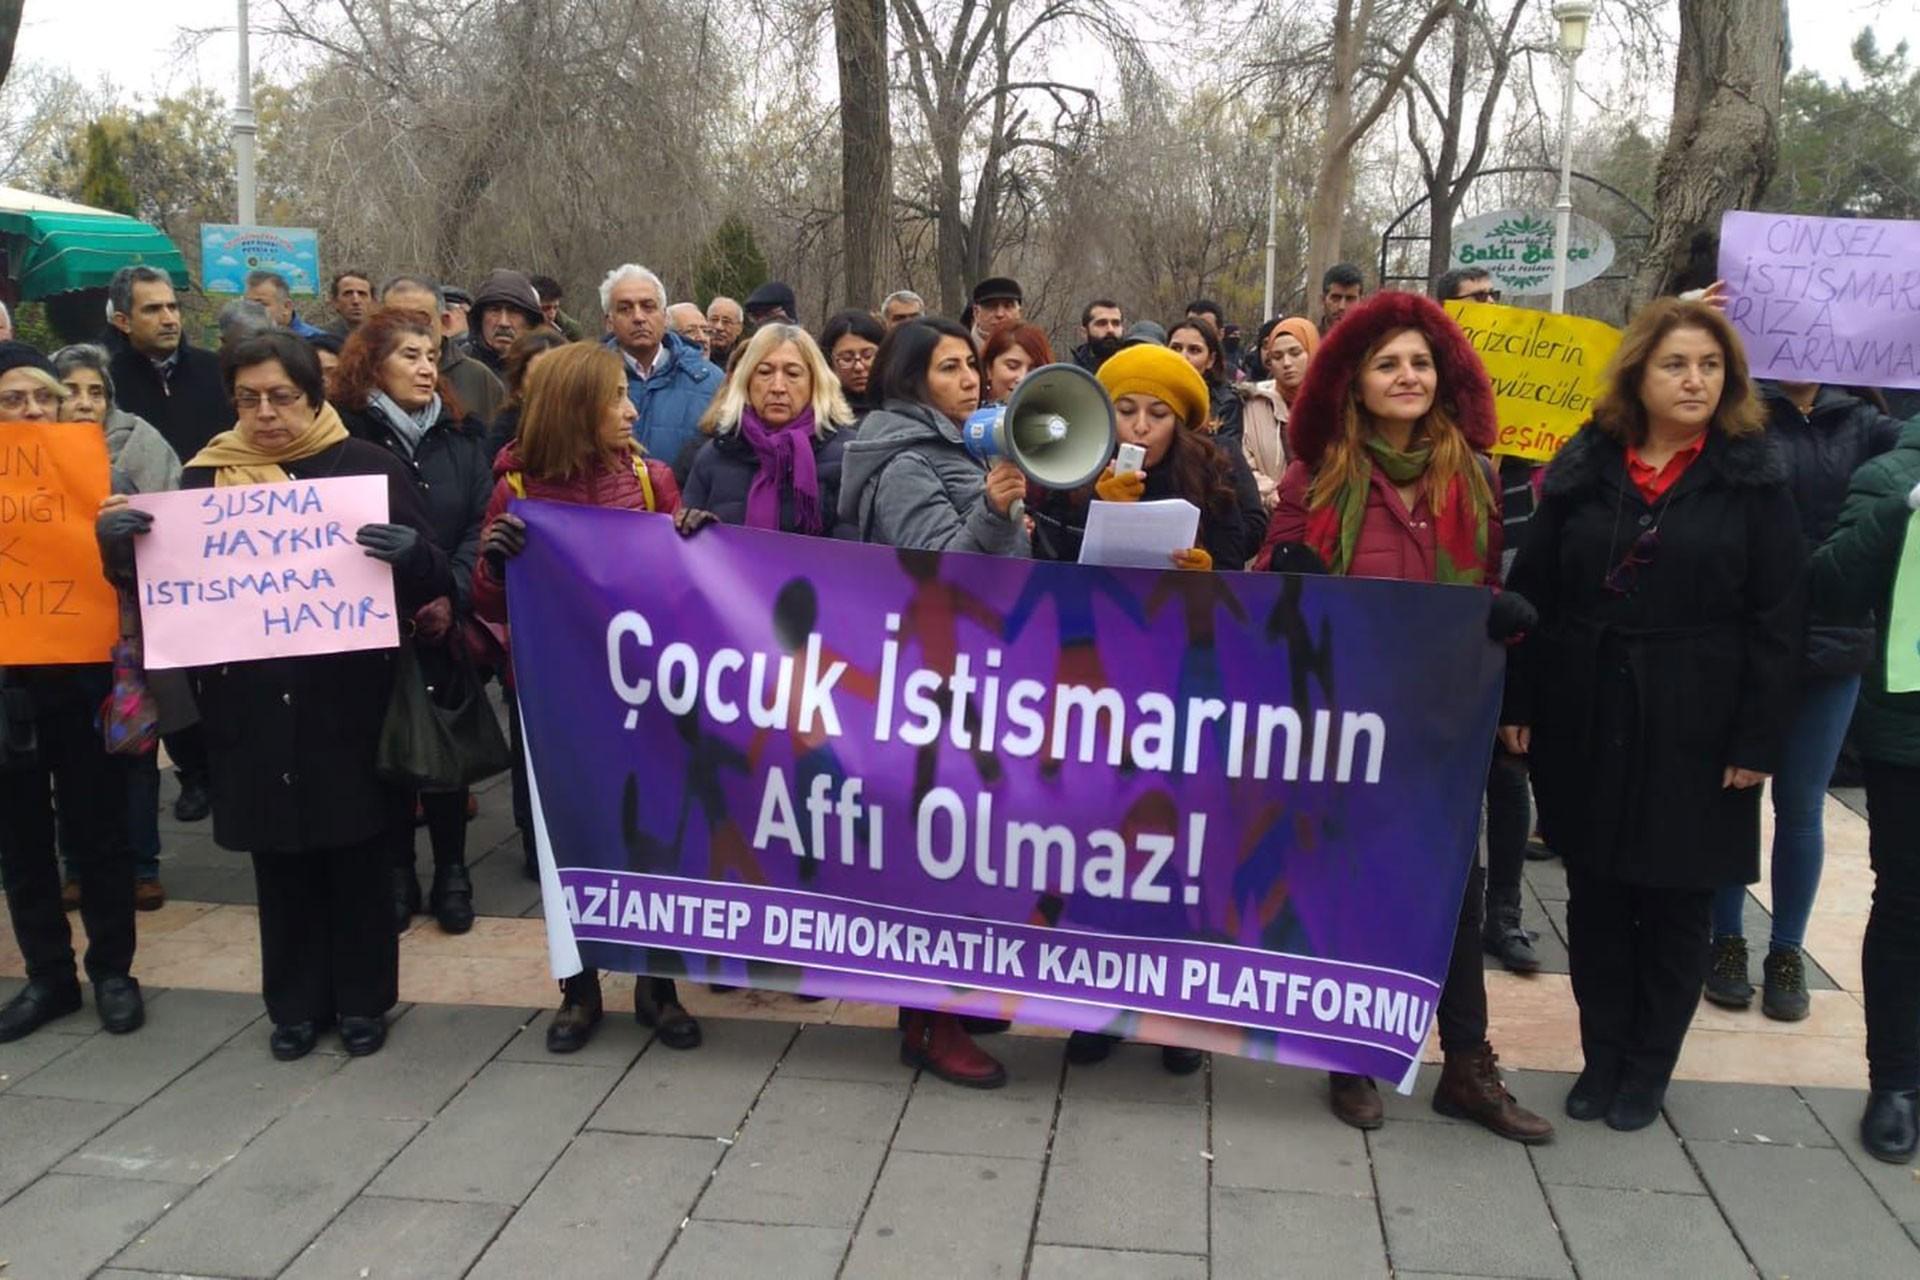 Antep Demokratik Kadın Platformu